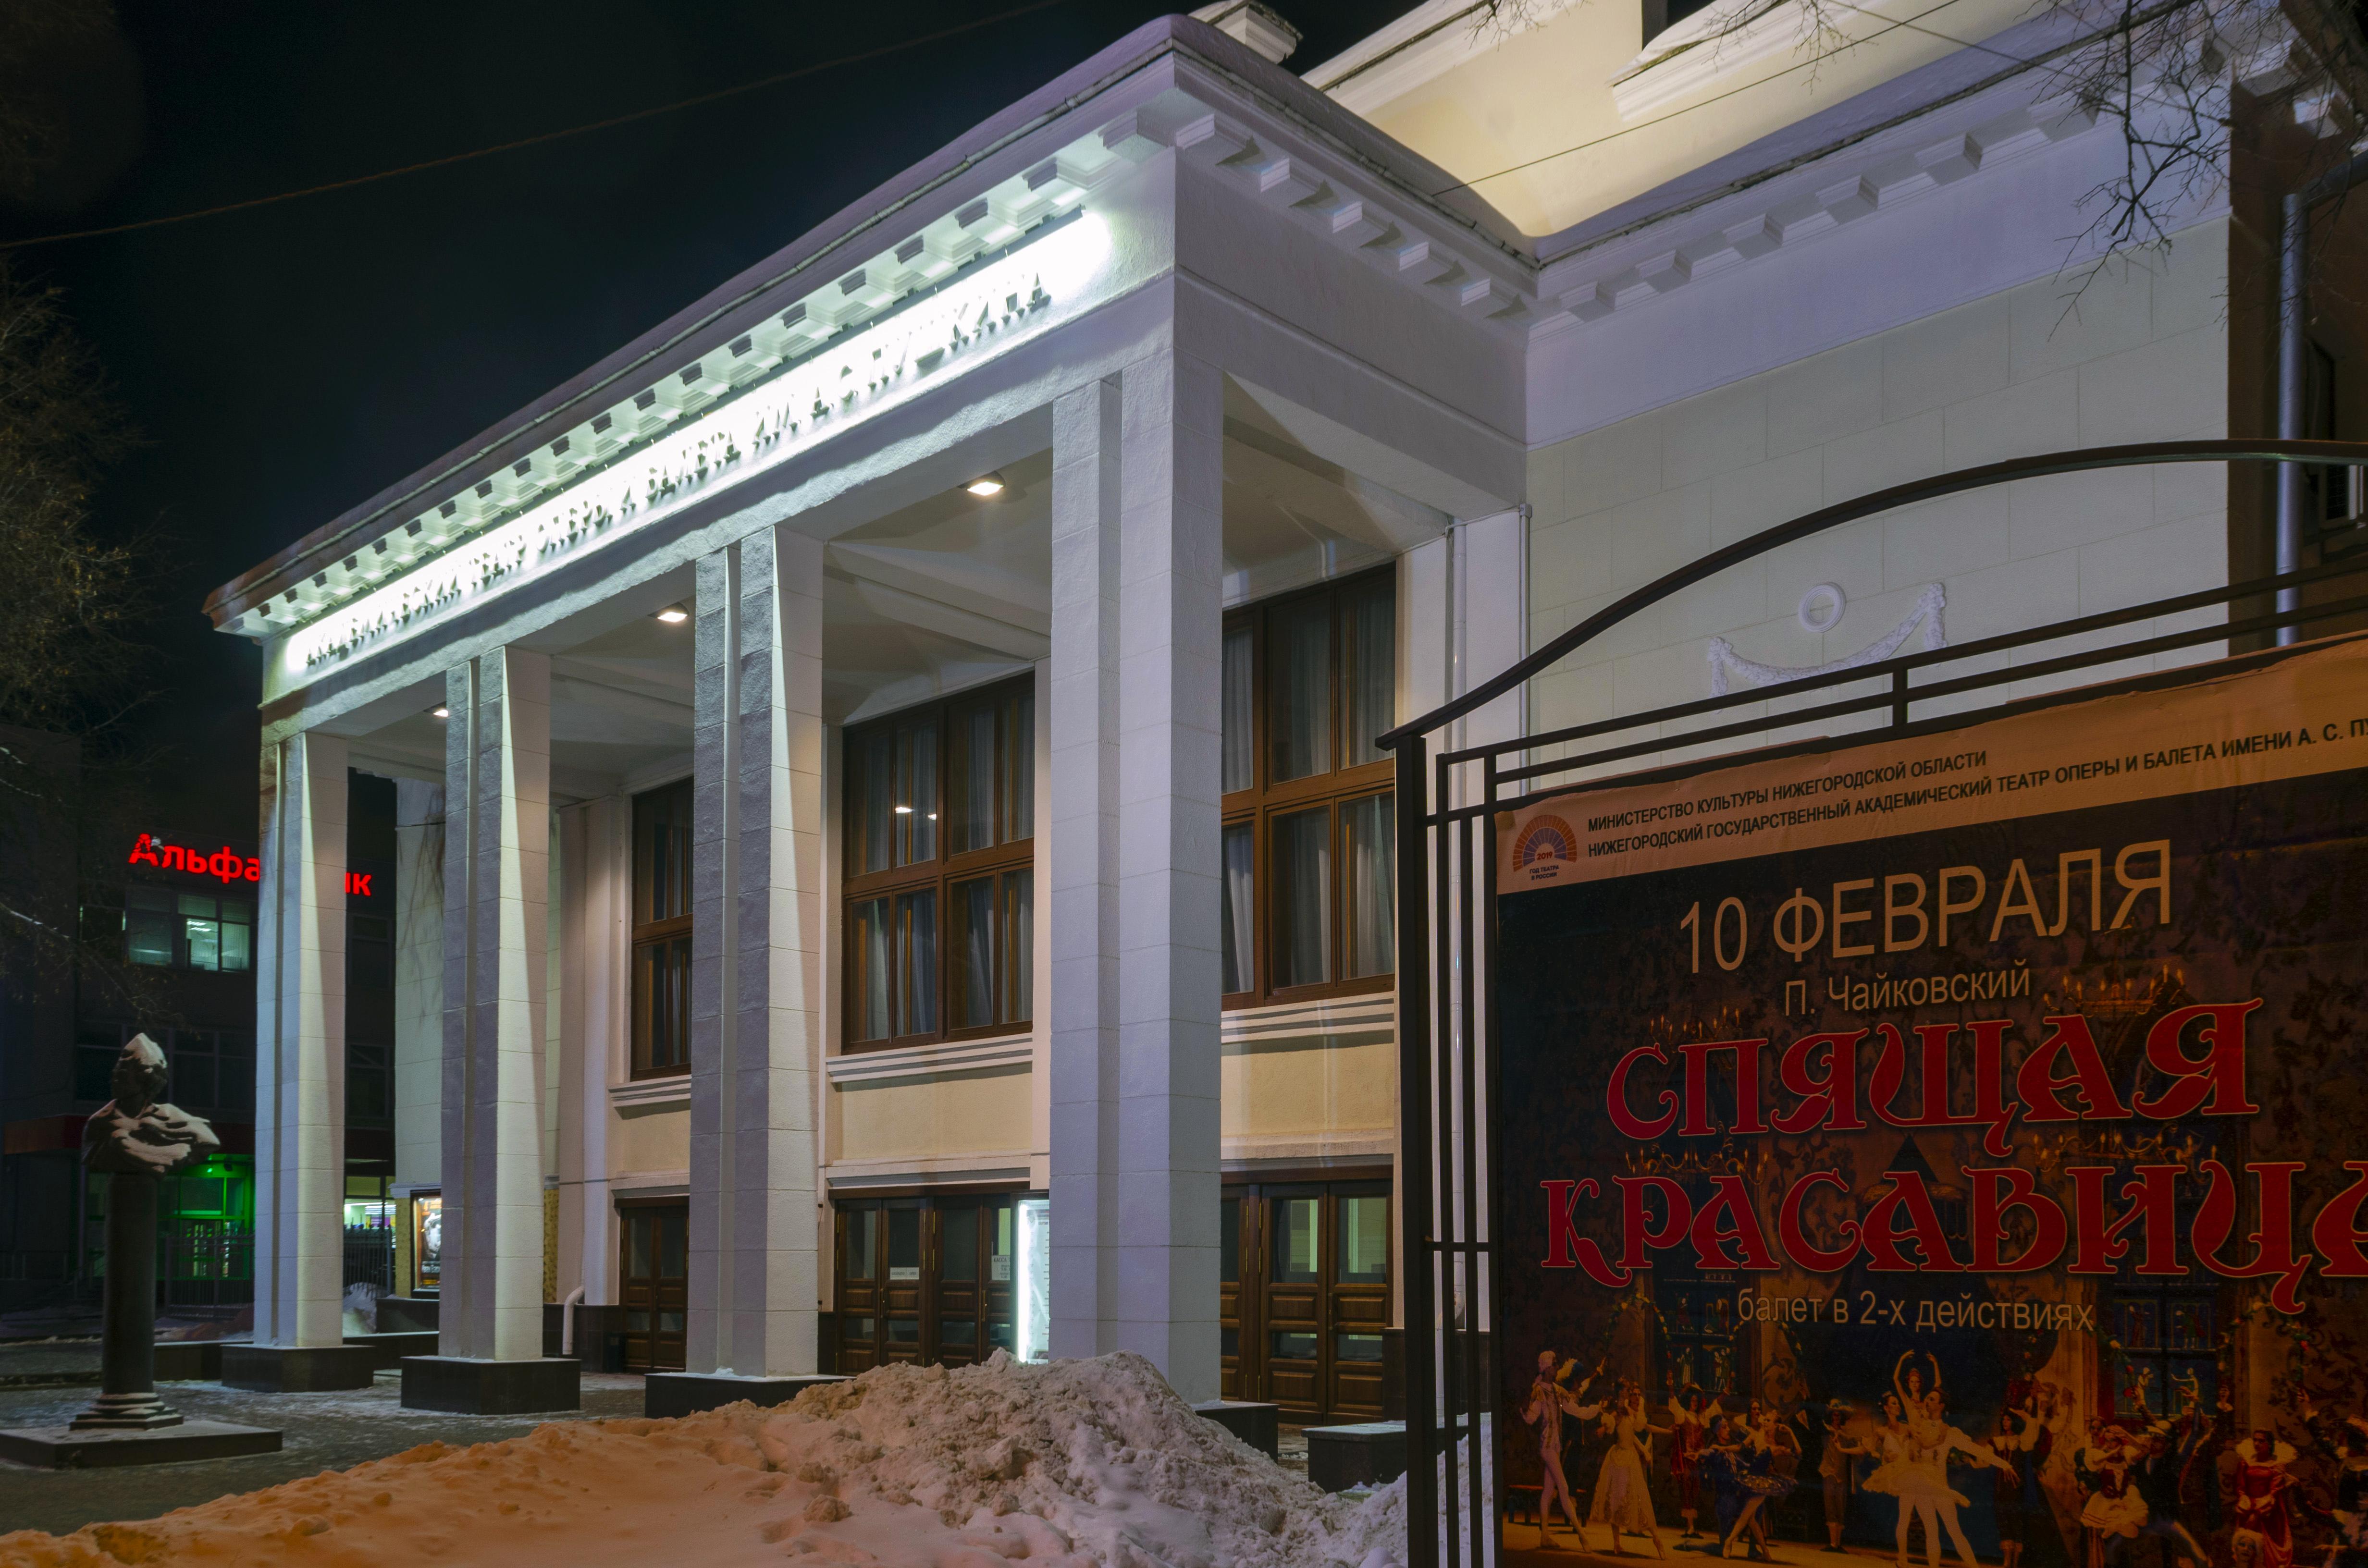 Архитектурно-художественная подсветка оперного театра в Нижнем Новгороде